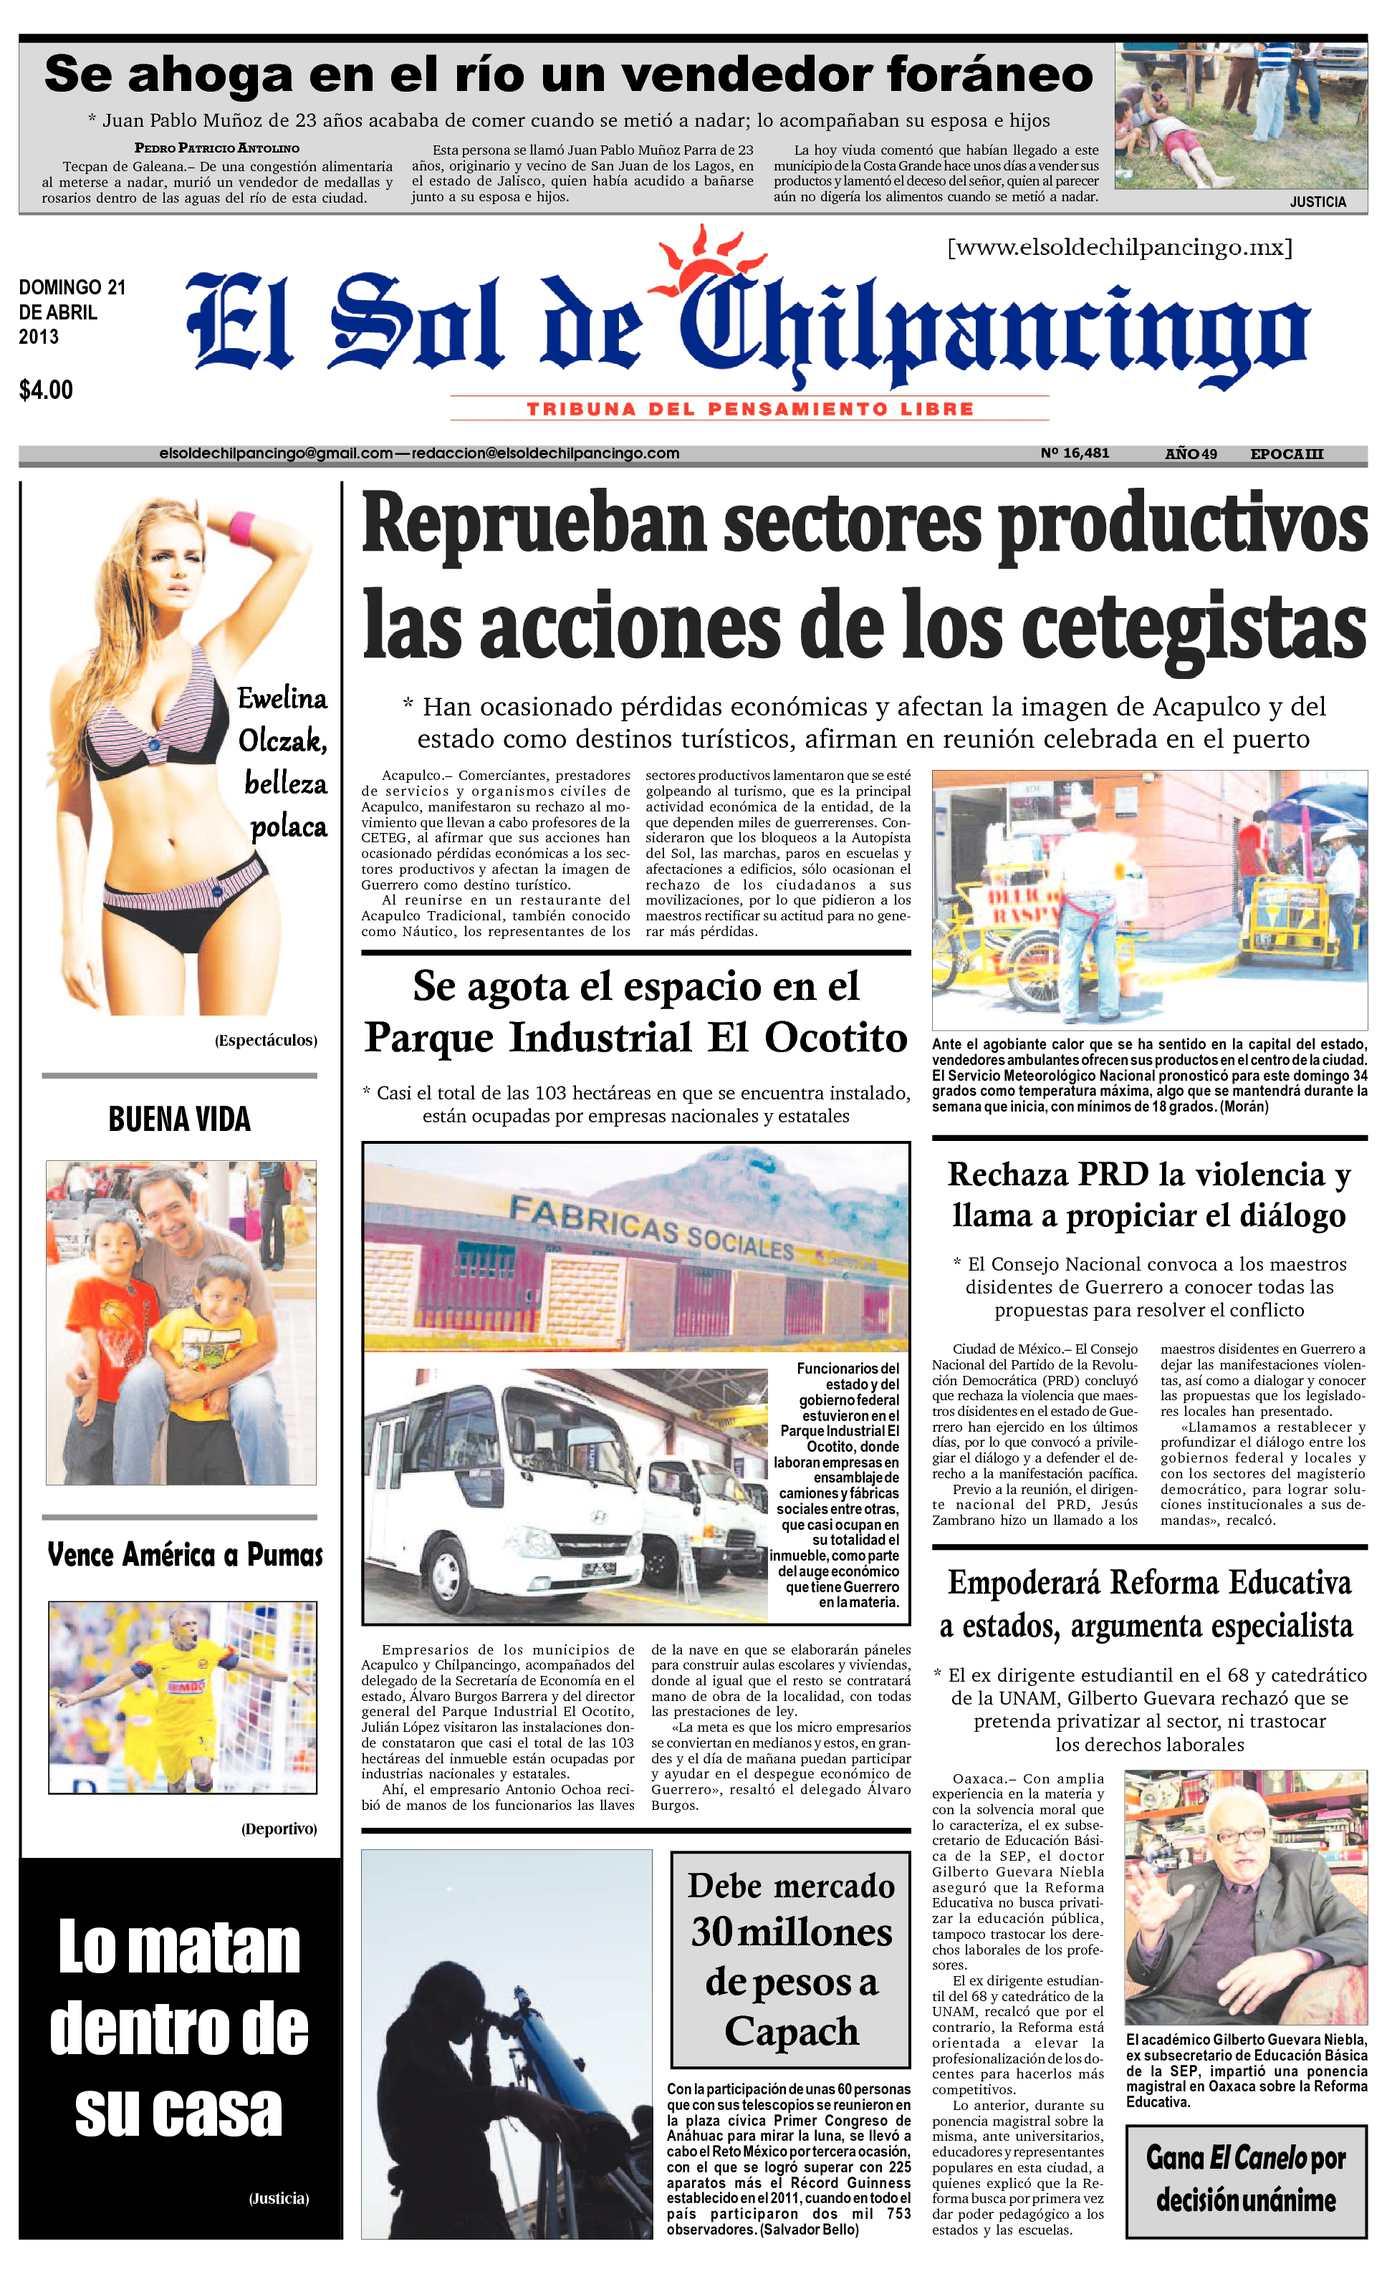 a0f25082d Calaméo - El Sol de Chilpancingo - 21 Abril 2013